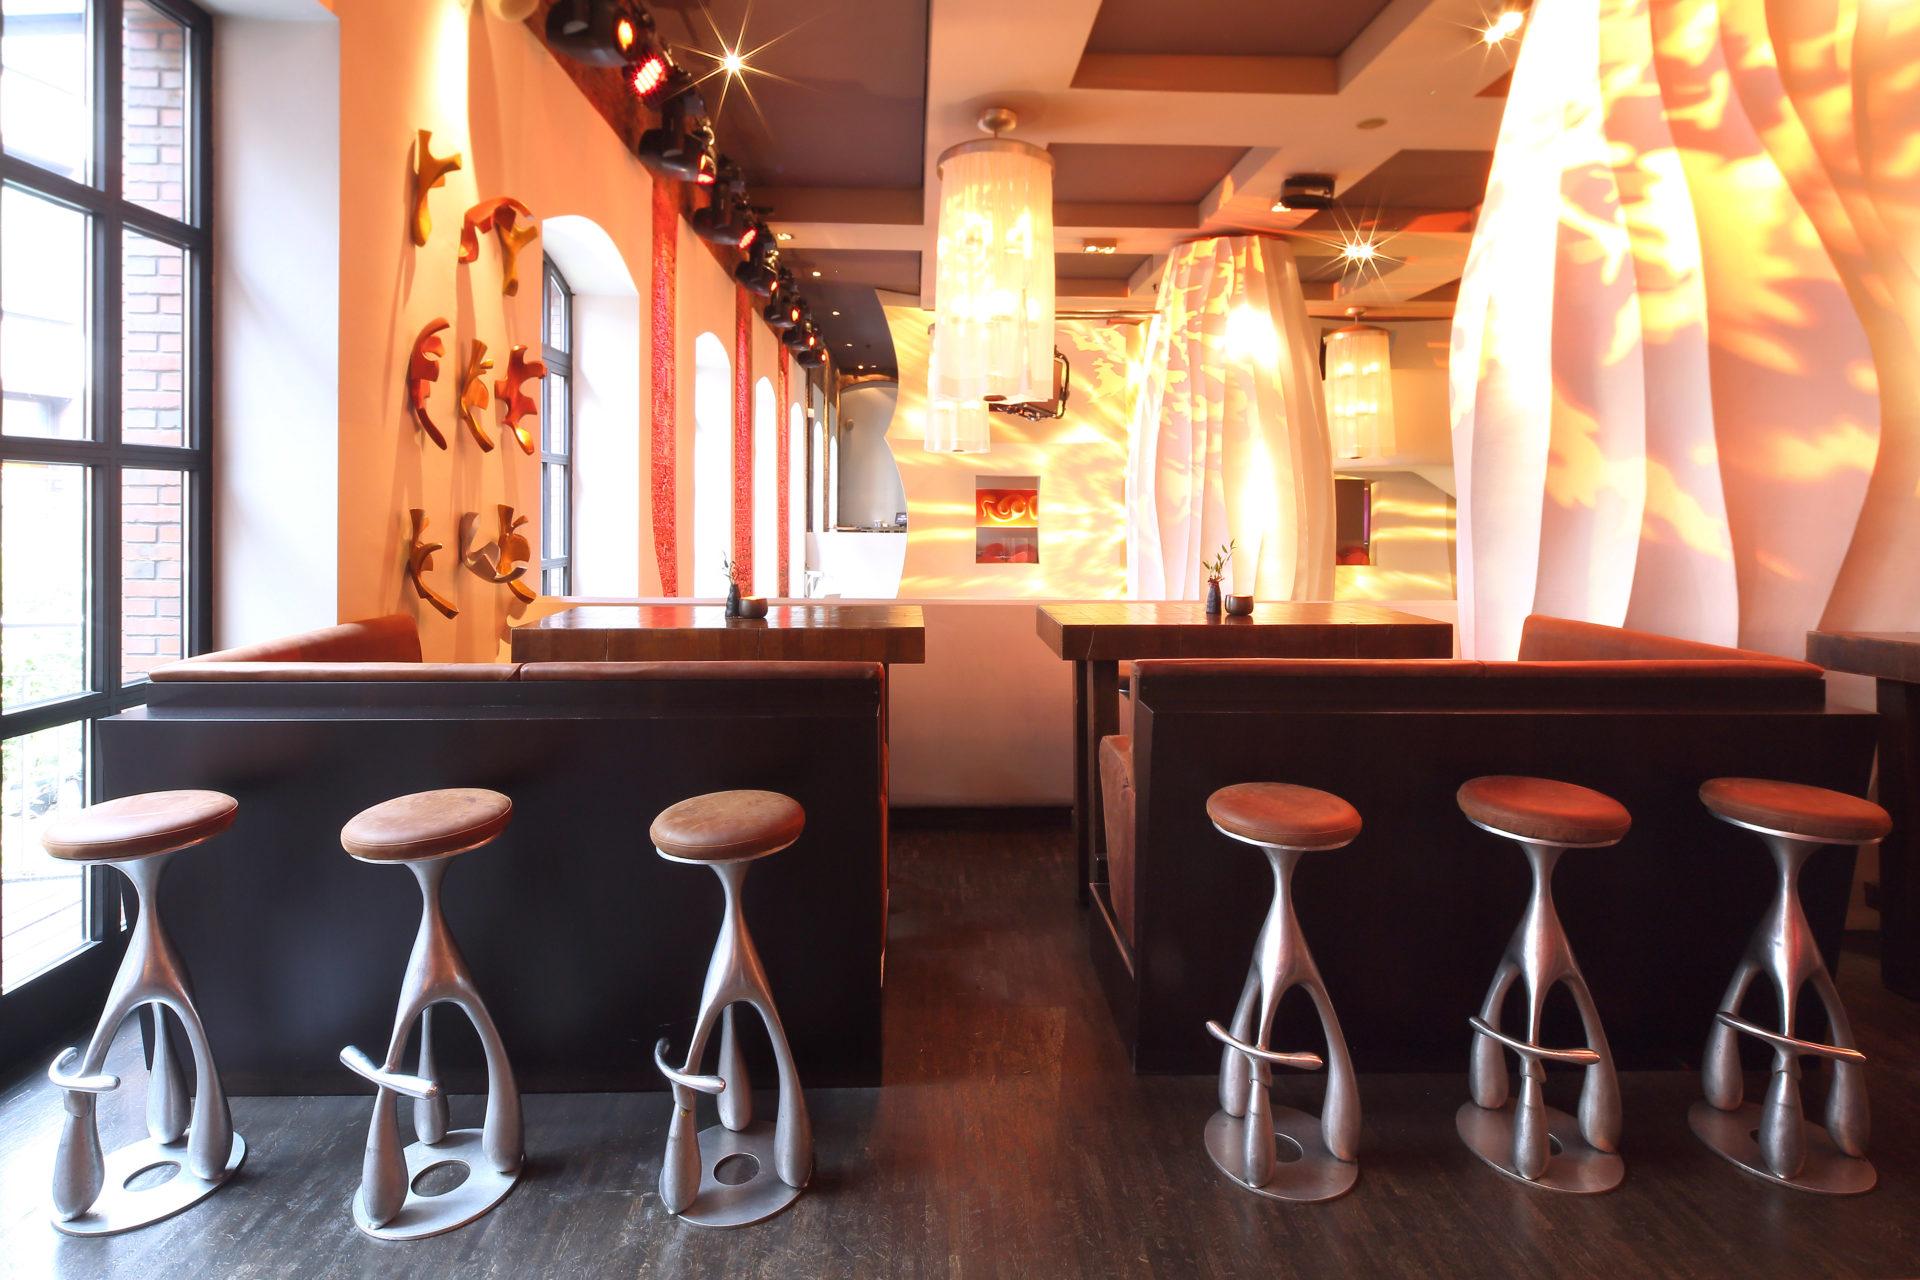 EAST_Restaurant_AnjaBeutler.de_12b